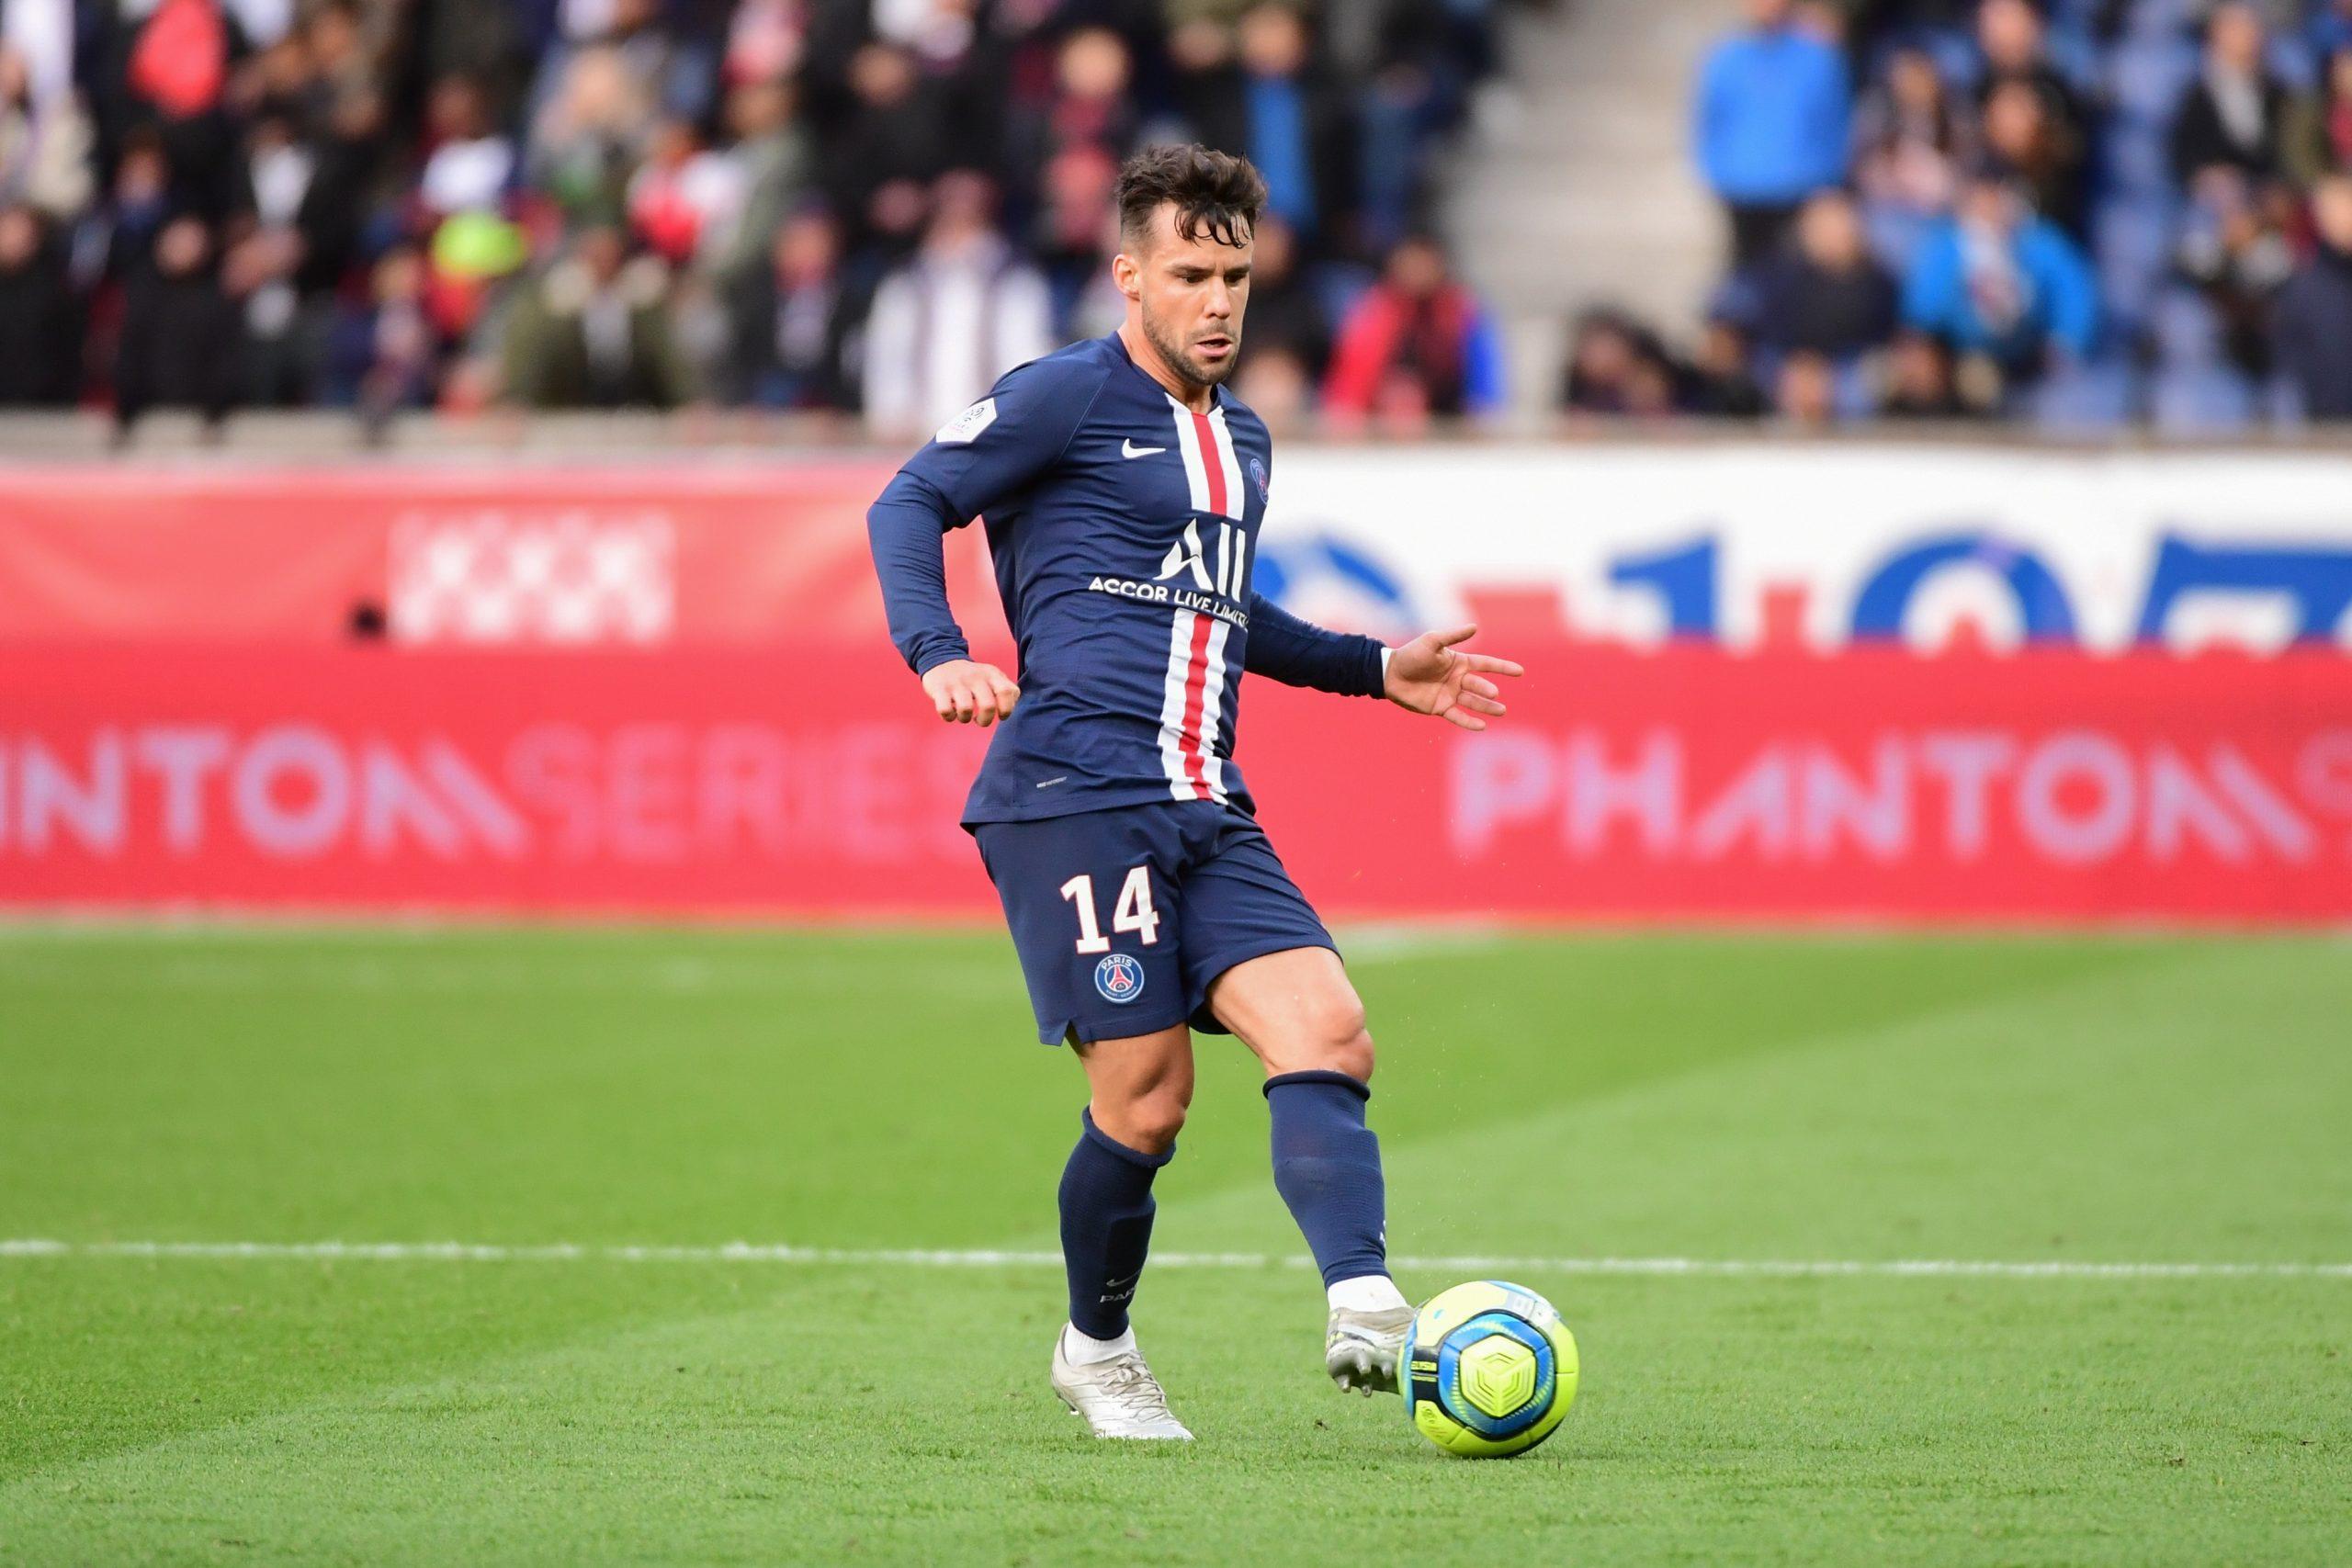 Bernat juge le niveau de la Ligue 1 et souligne la mentalité que le PSG doit avoir